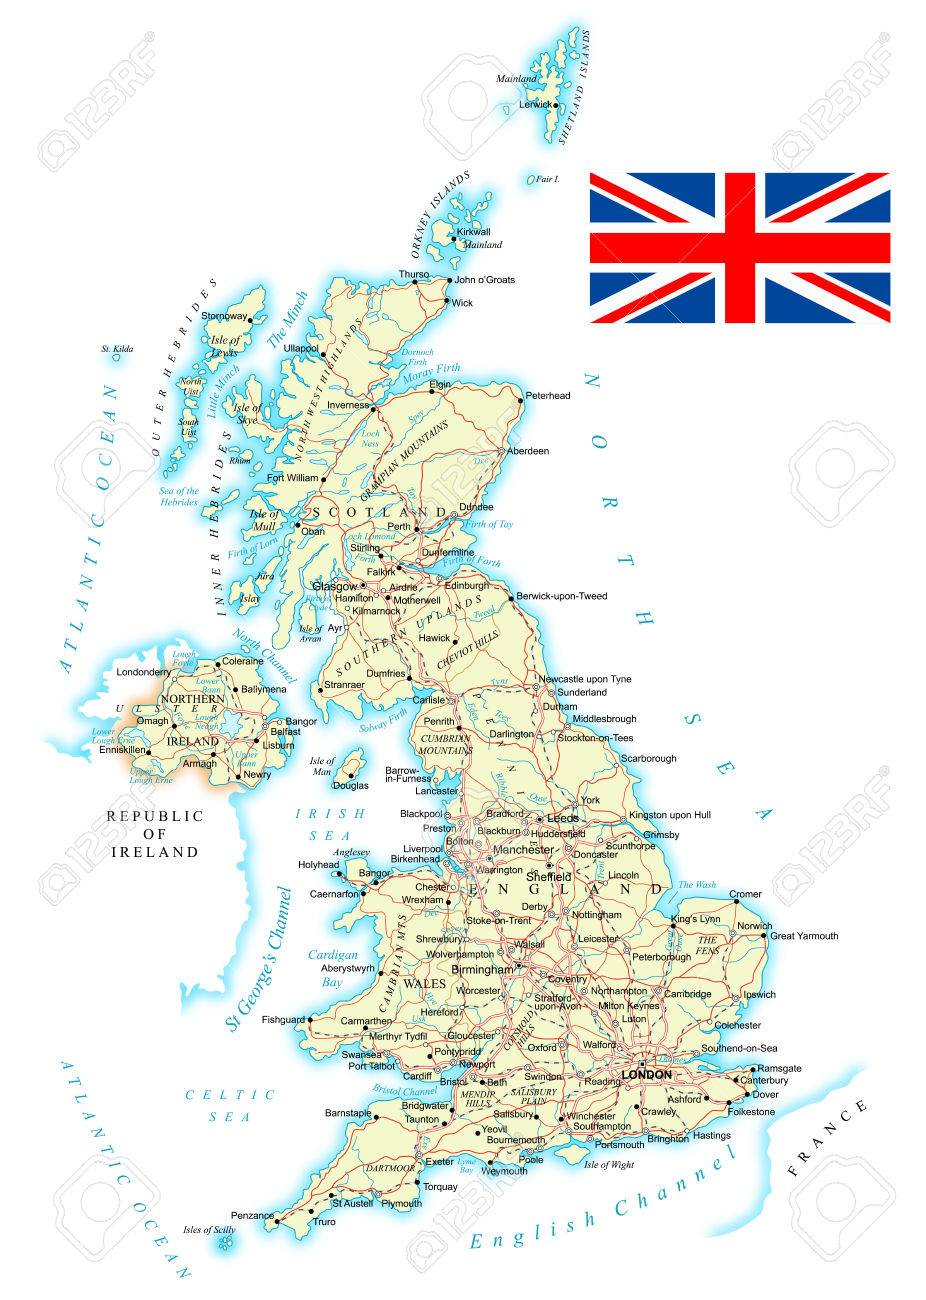 Reino Unido Mapa Detallado Ilustracion Mapa Contiene